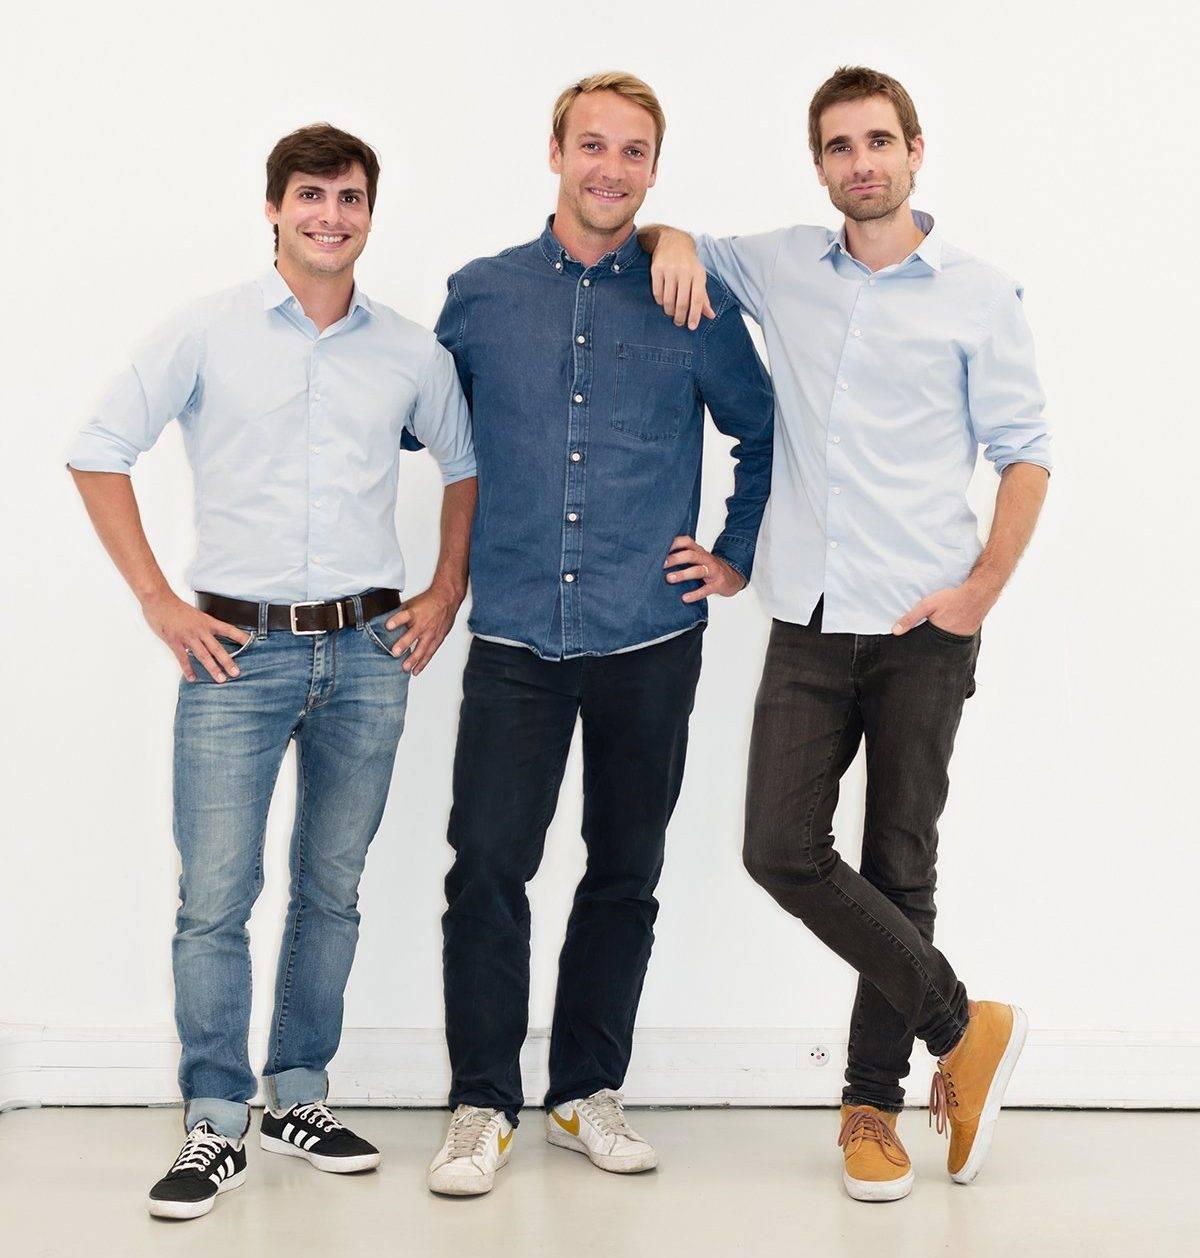 Back Market - Startup-News